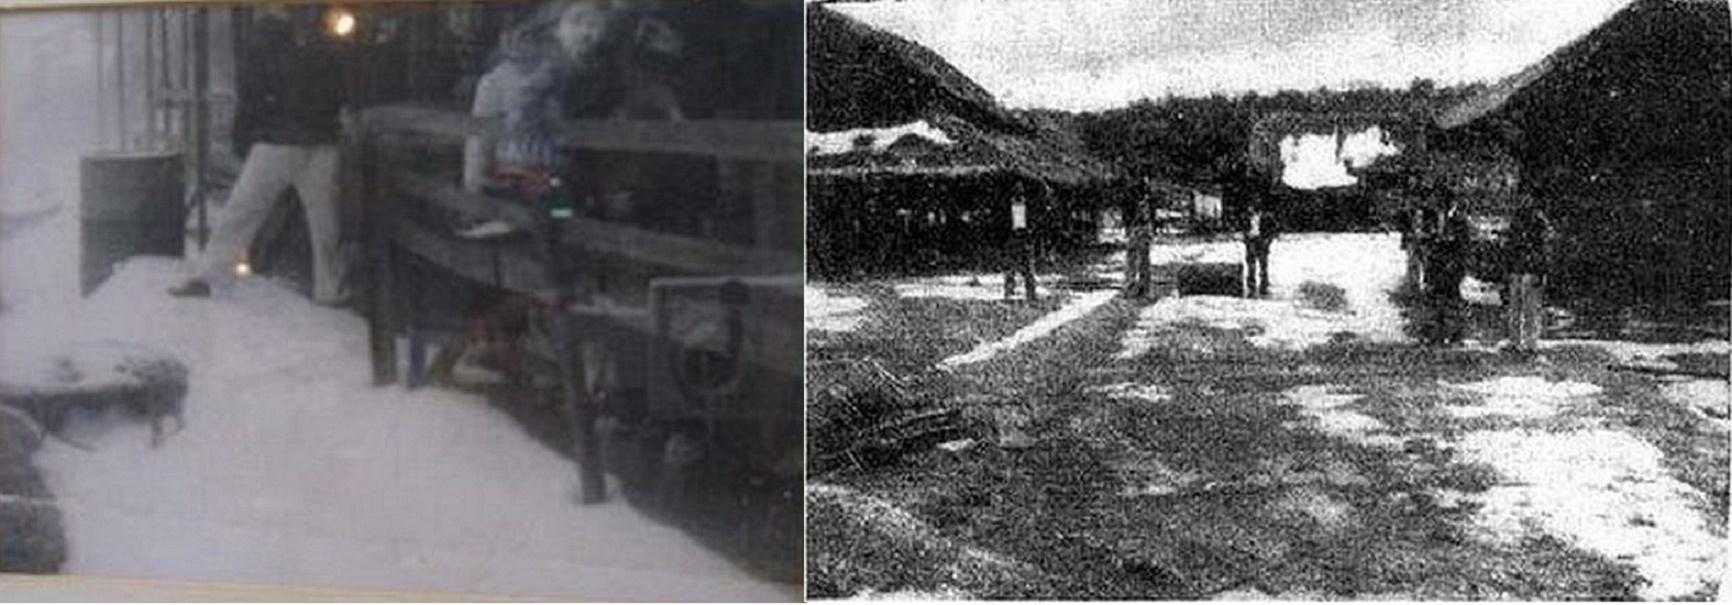 Sníh v Chiang Rai Thajsko 1955